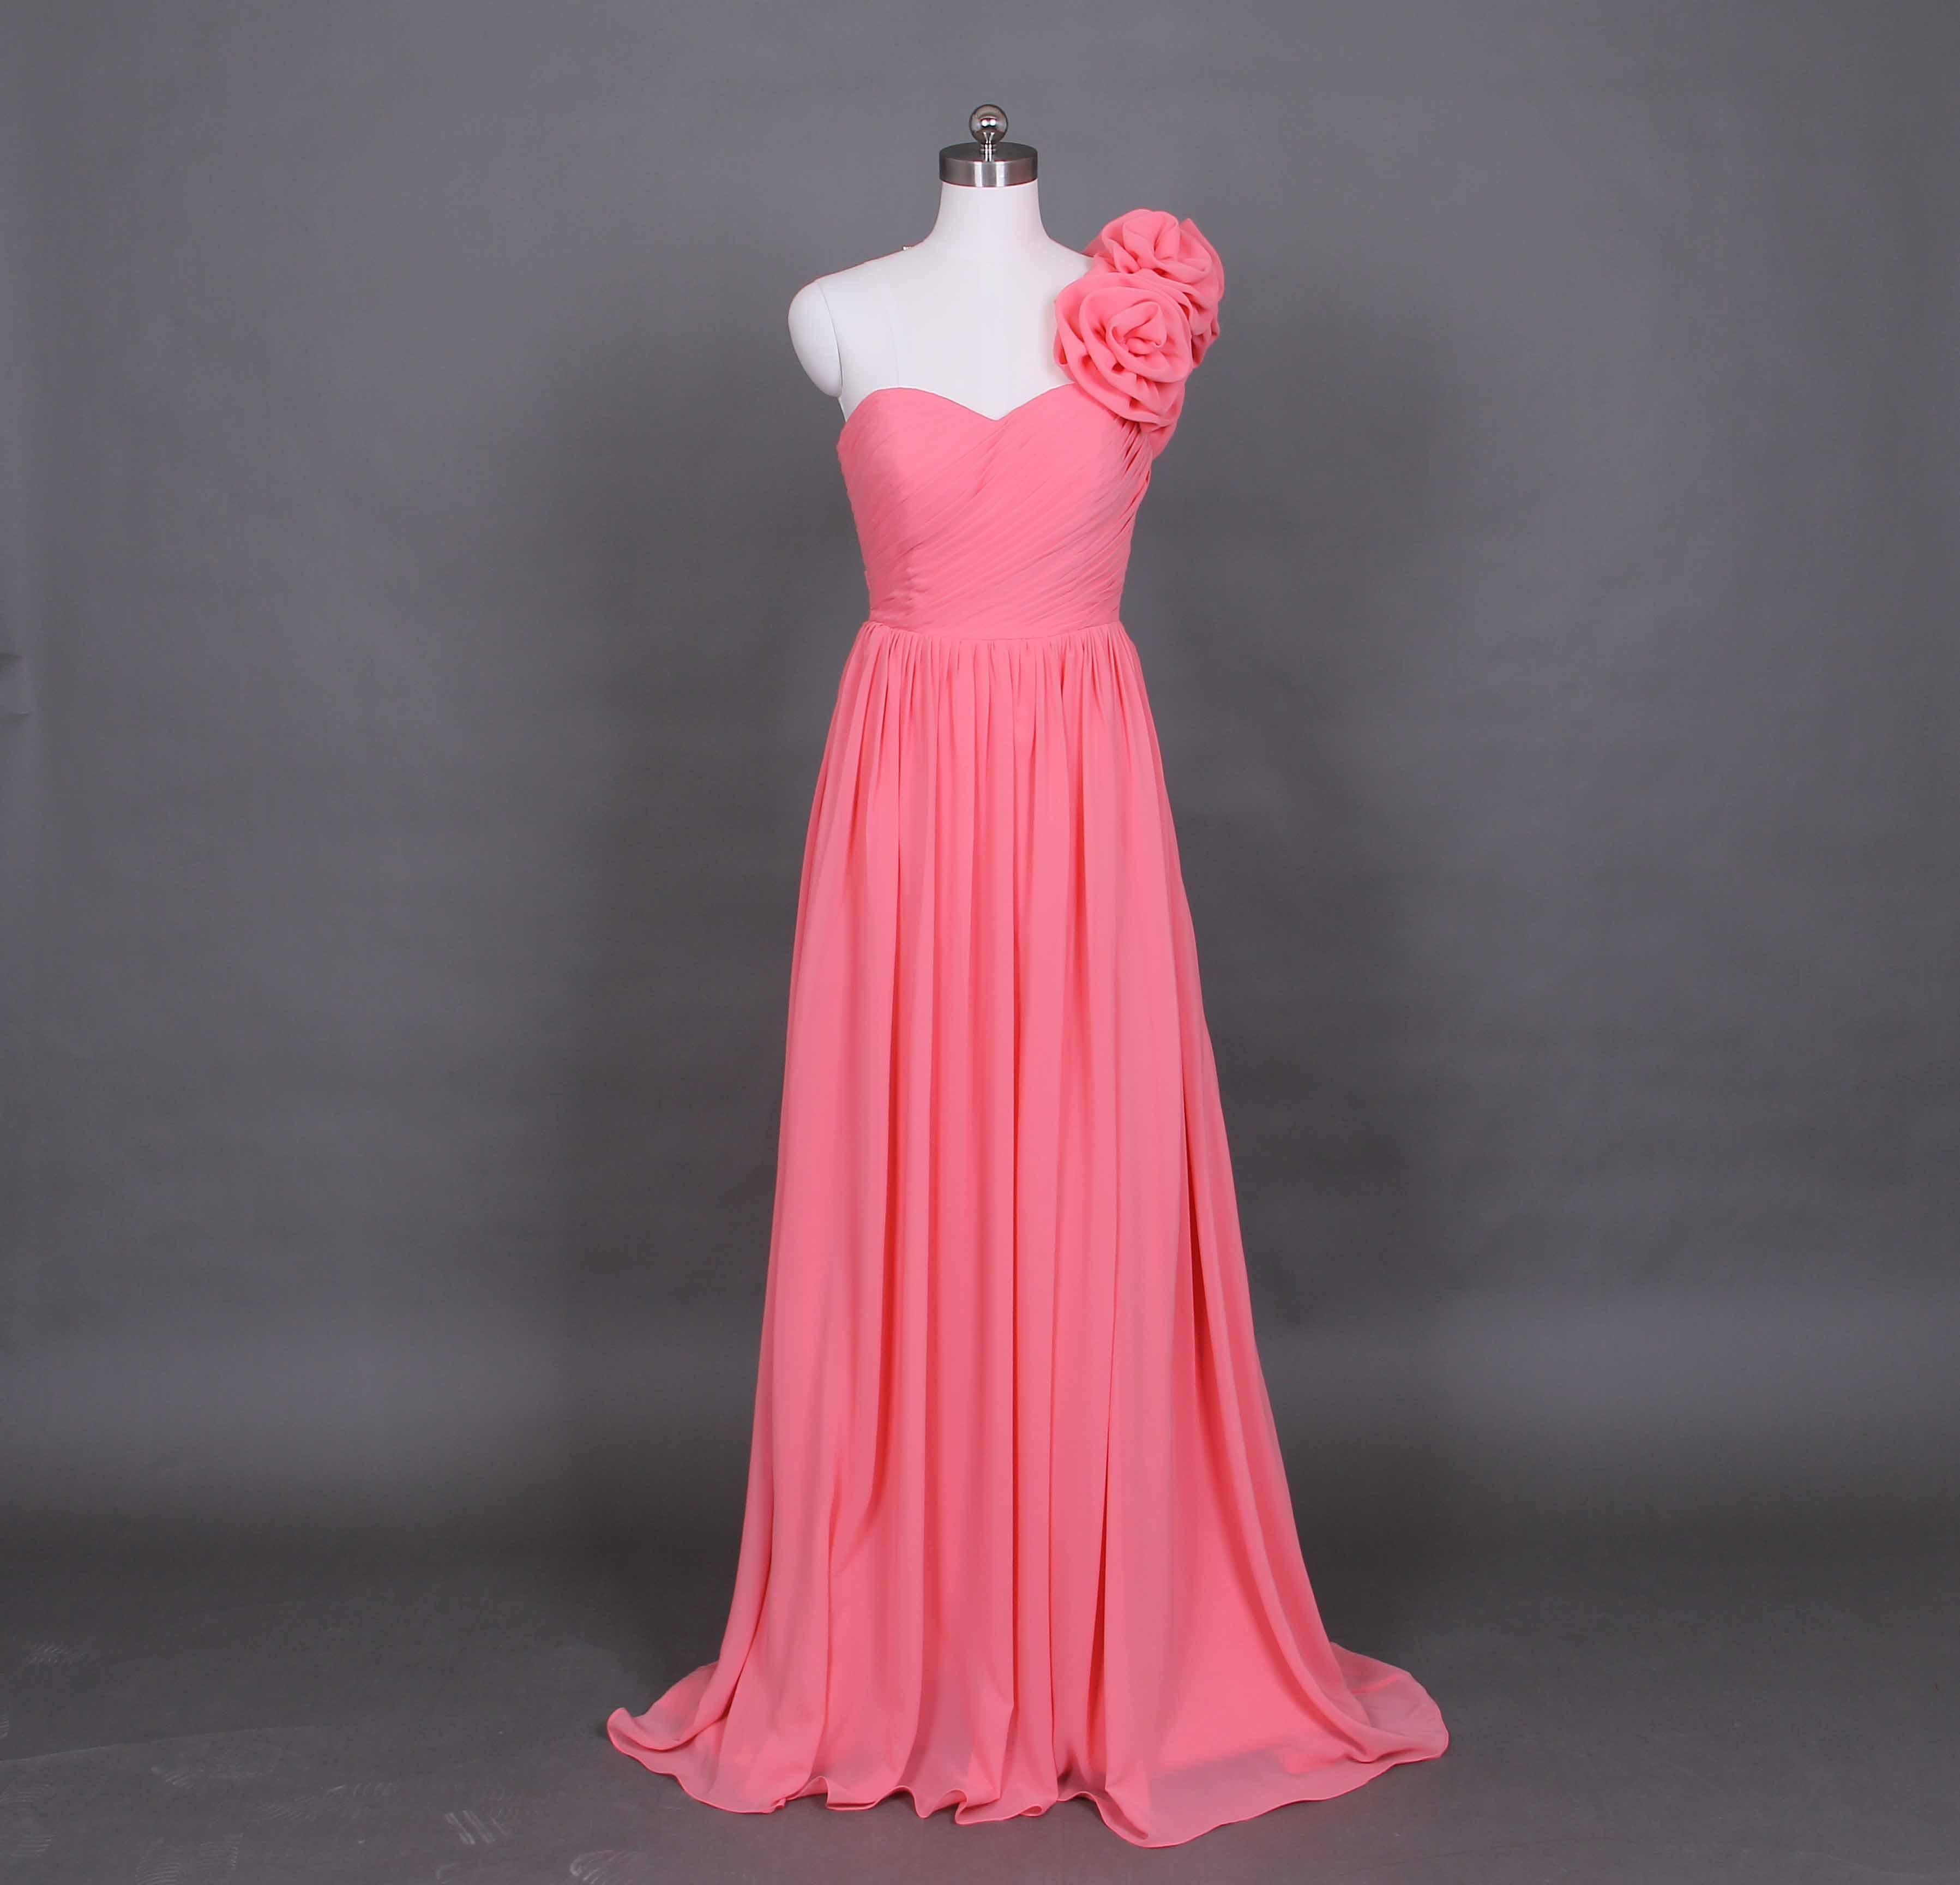 Une bandoulière plage robe de mariée brosse train robes de mariée, corail en mousseline de soie robe de mariée taille personnalisée D56